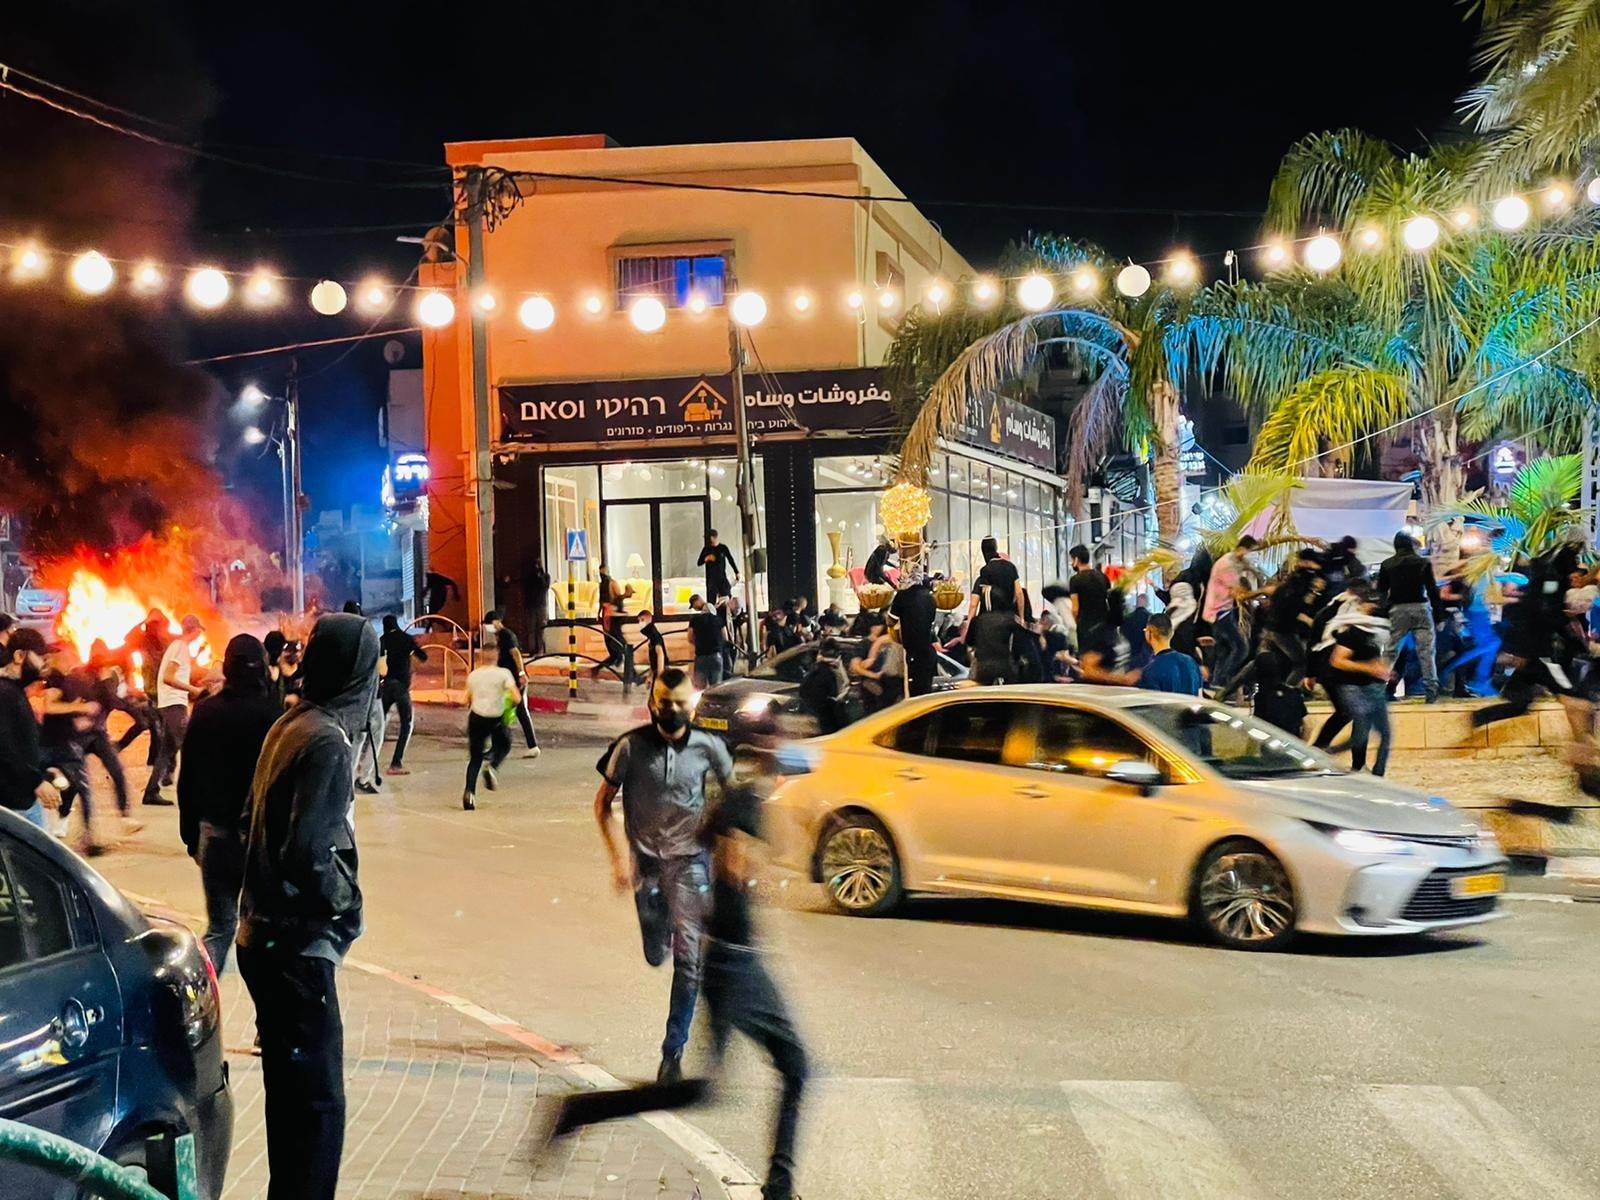 تابعوا الأخبار من مختلف البلدات: مظاهرات حاشدة، اليكم الملخص والصور-29